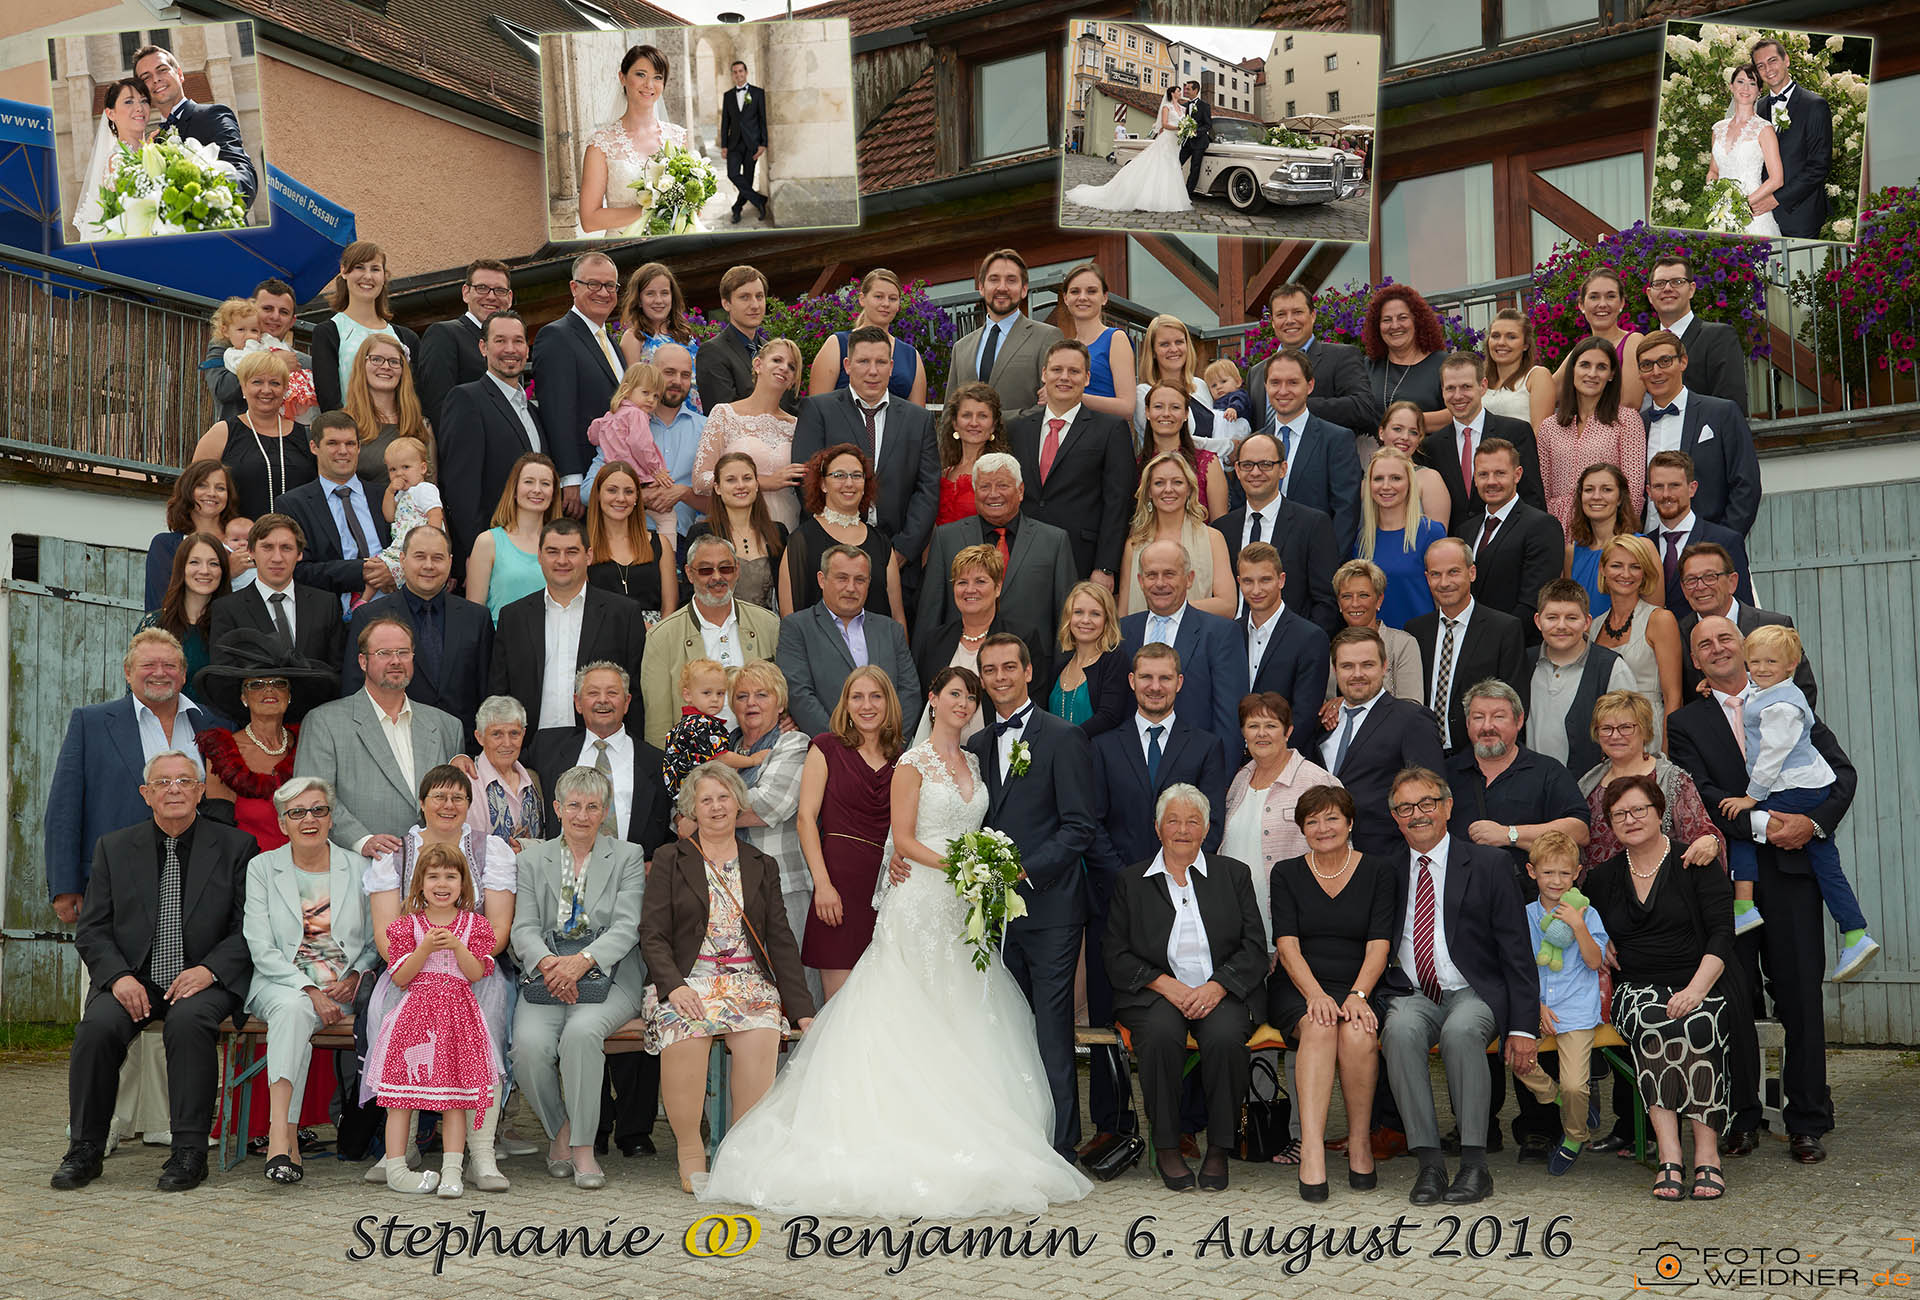 Gruppenfoto in Regensburg in der Oberpfalz